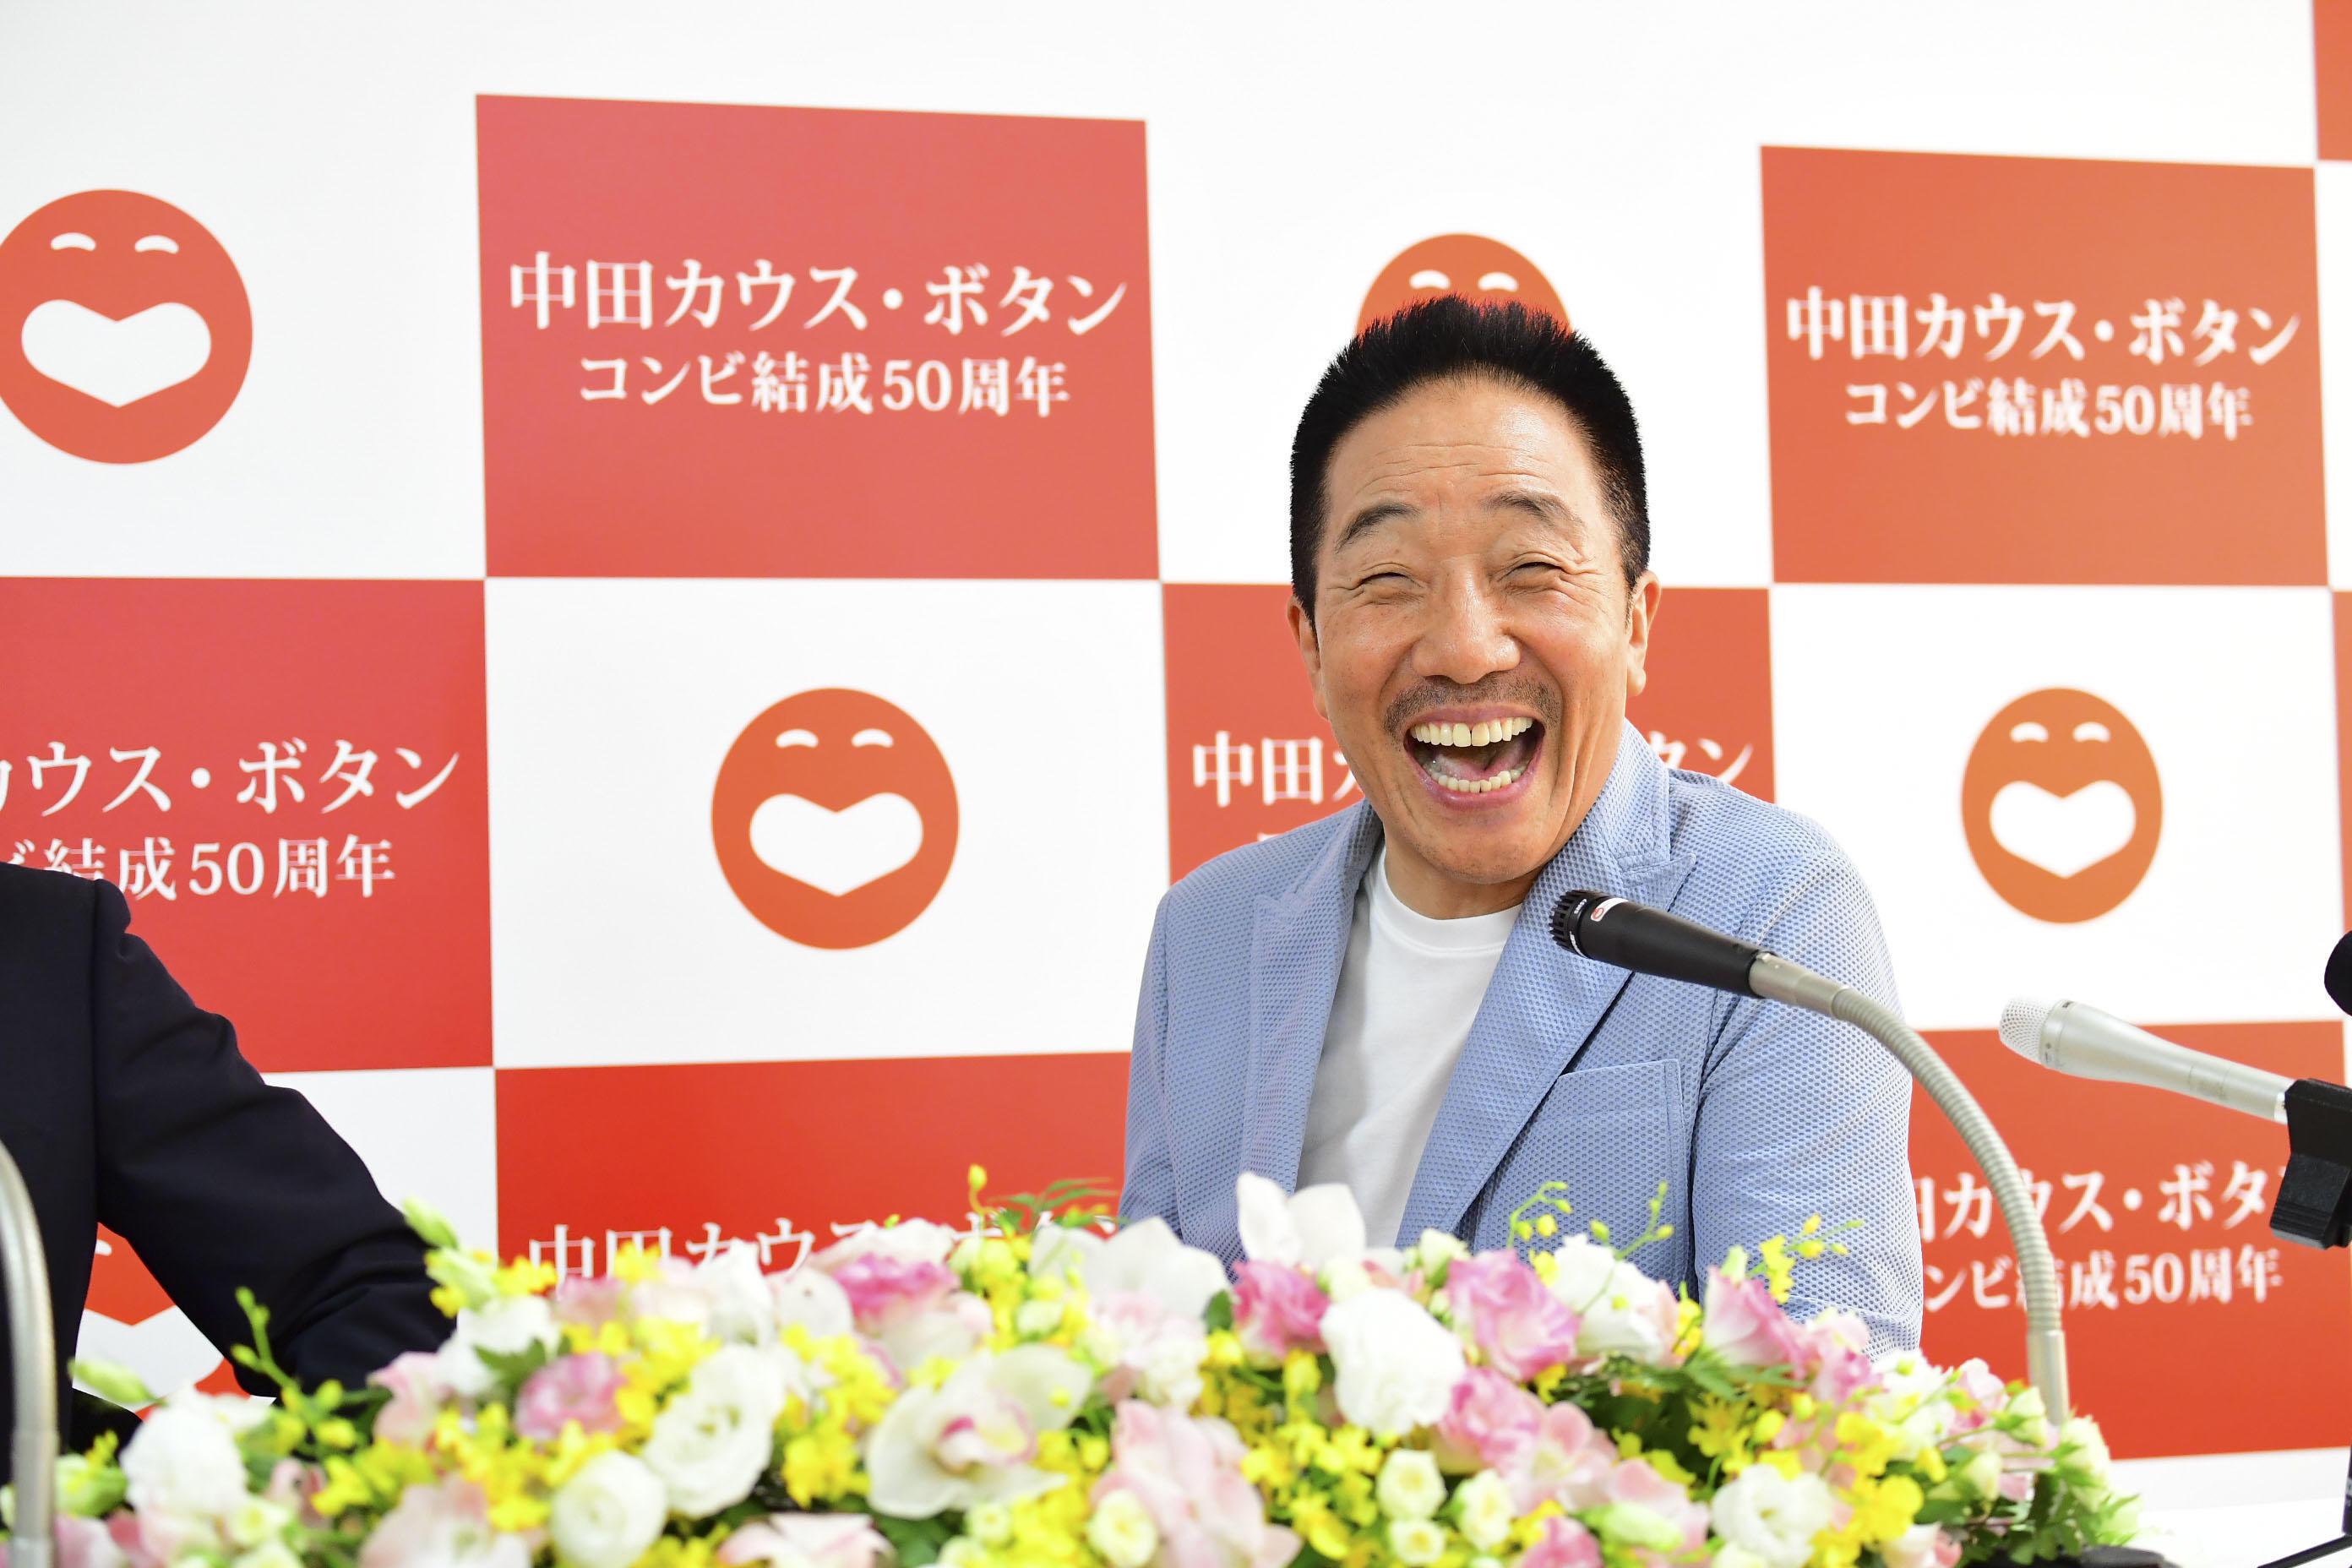 http://news.yoshimoto.co.jp/20170810223016-102b4bdf46a88719a71b12d3ccd49e8593c4a3ad.jpg